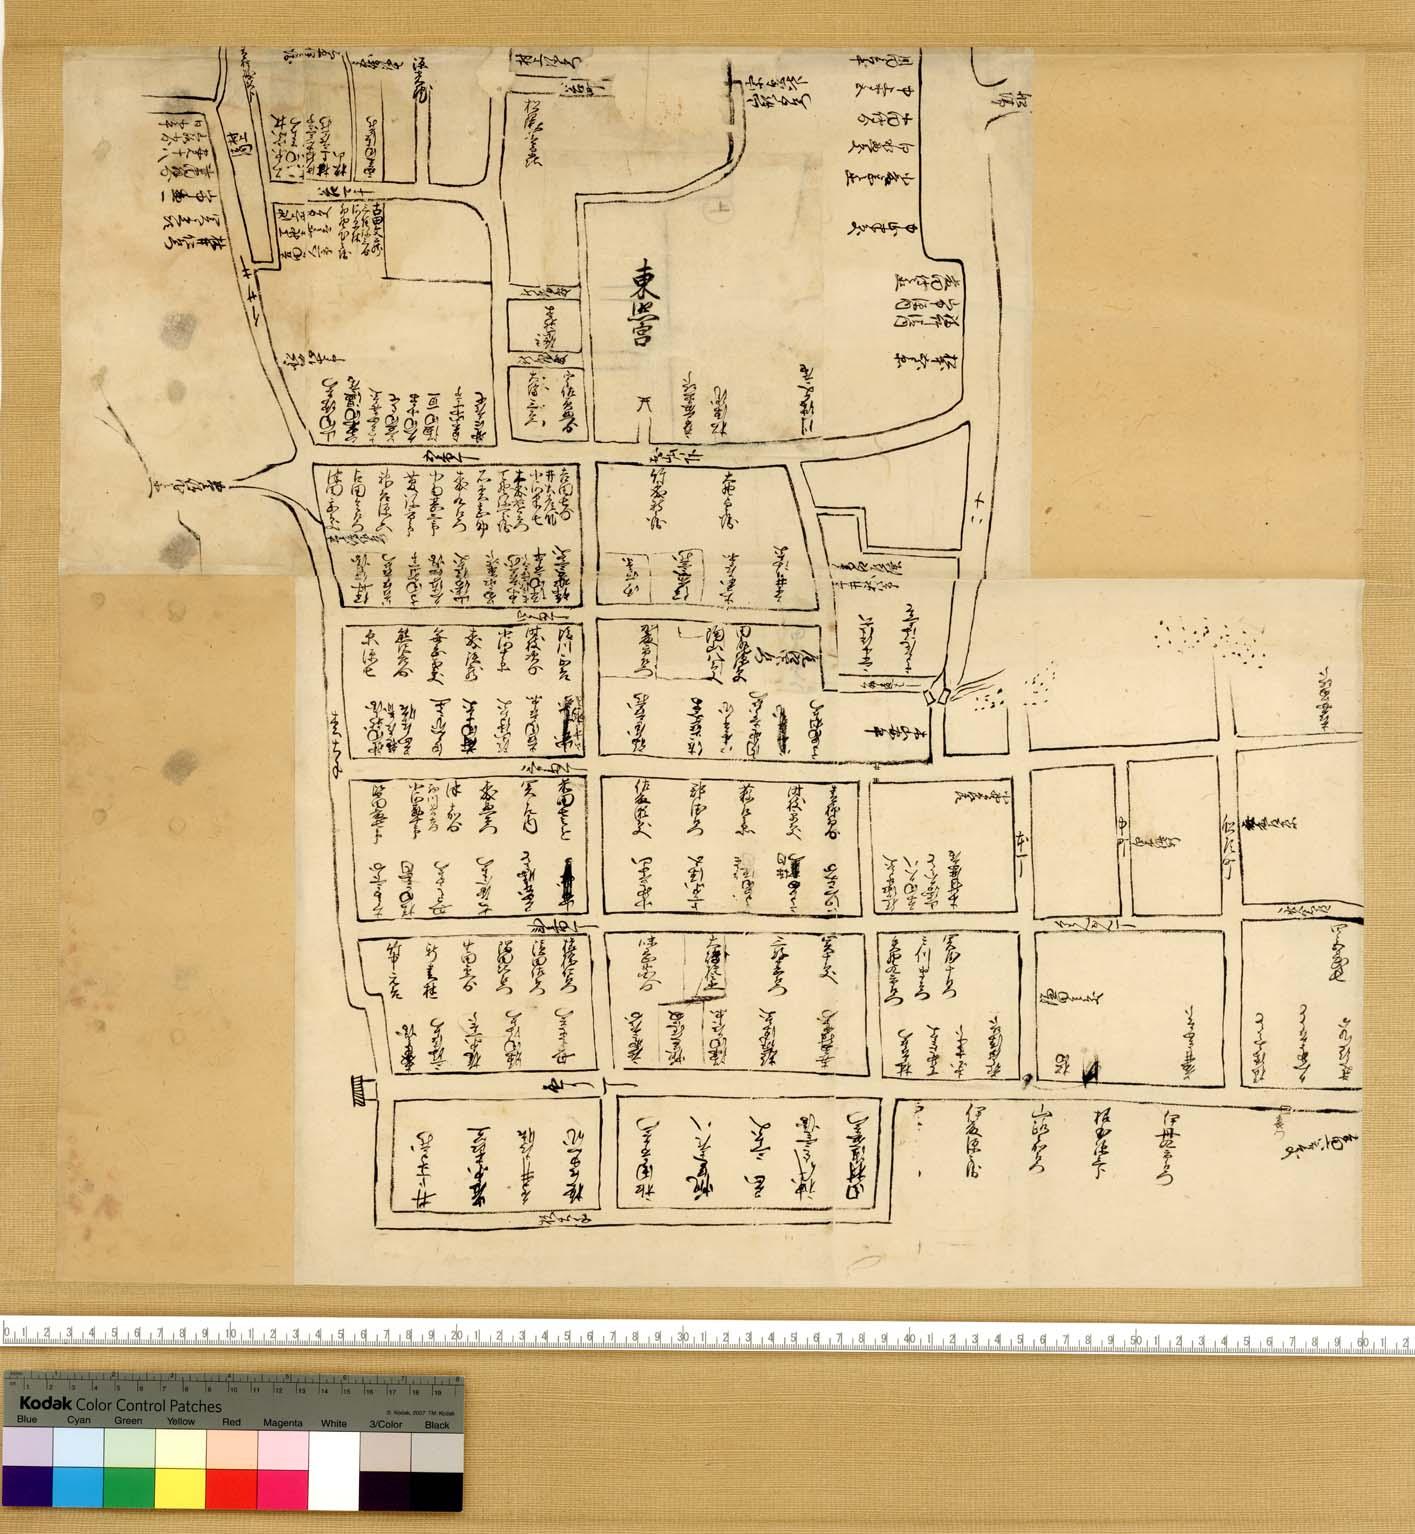 福岡藩屋敷図 荒戸辺「大田資料」333号 福岡県立図書館